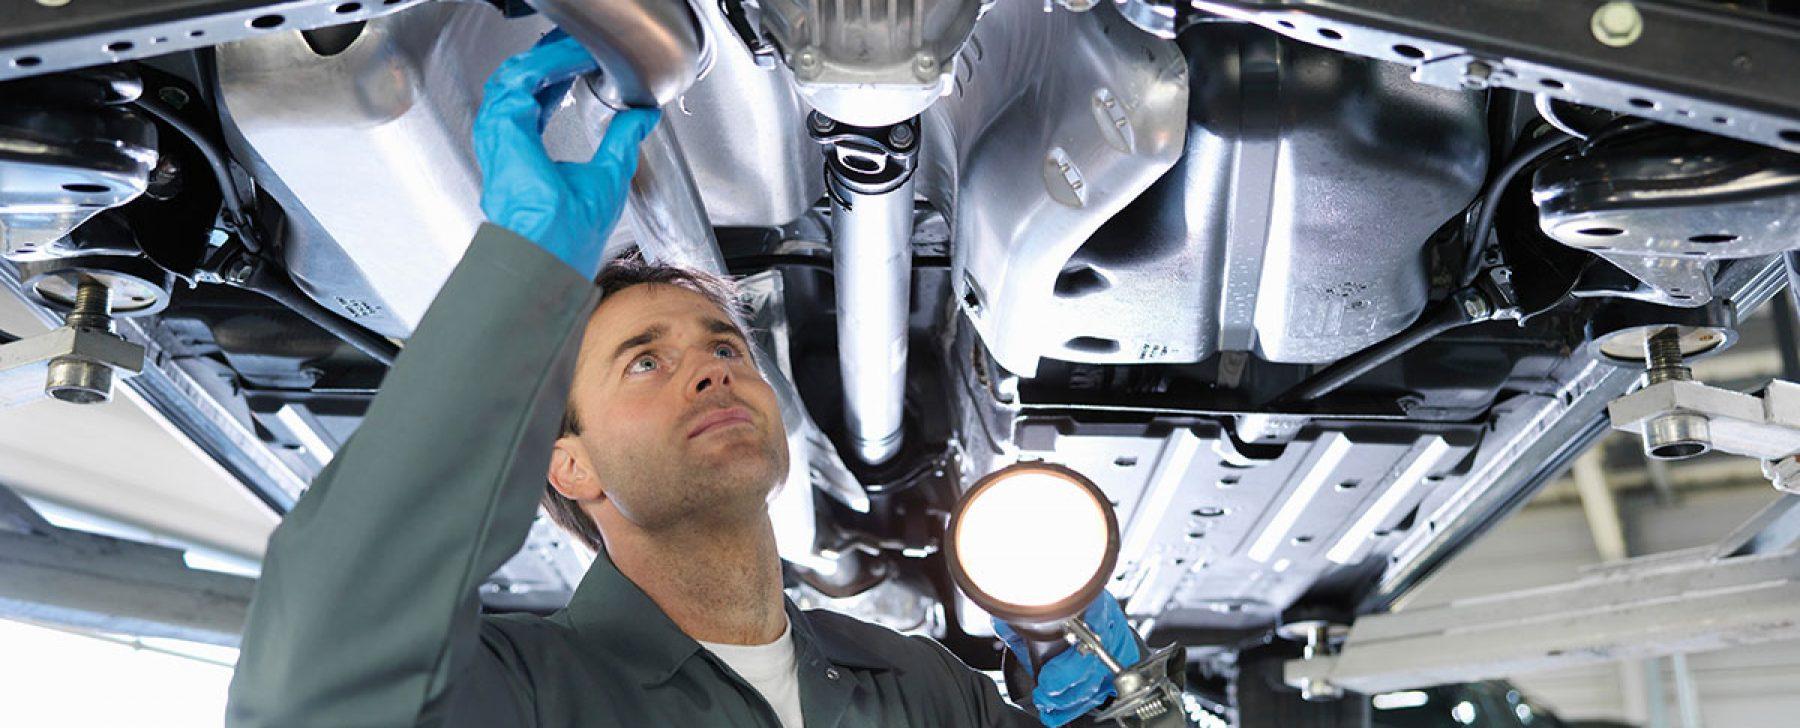 mantenimiento de coche